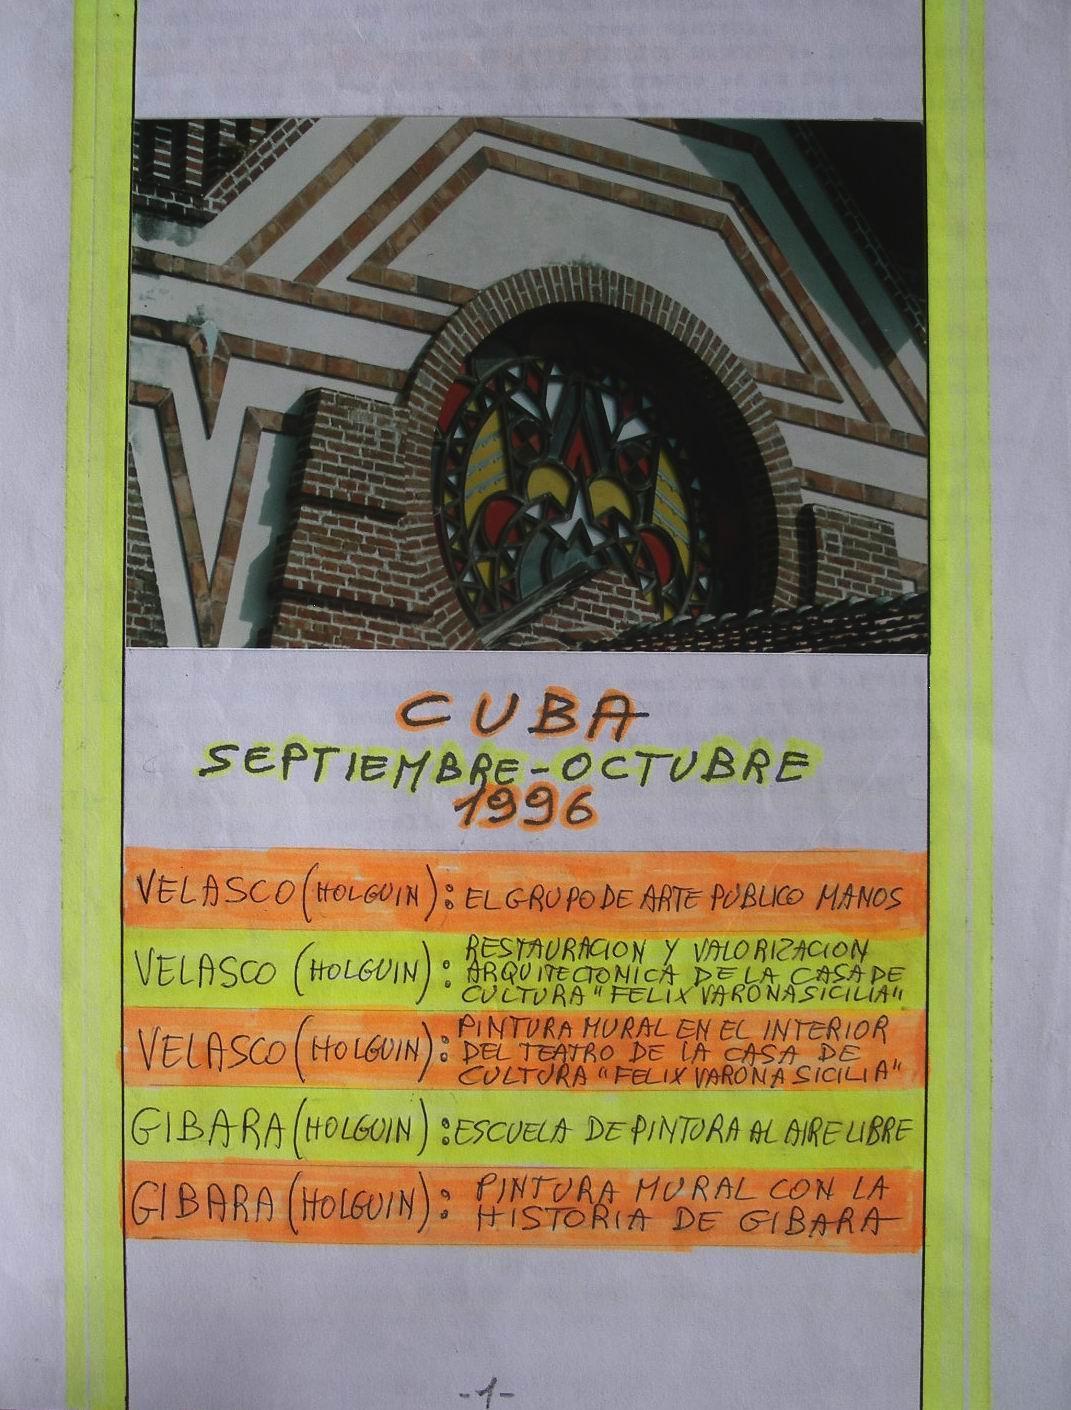 1996 5 Progetti d'Arte per Cuba, Settembre-Ottobre